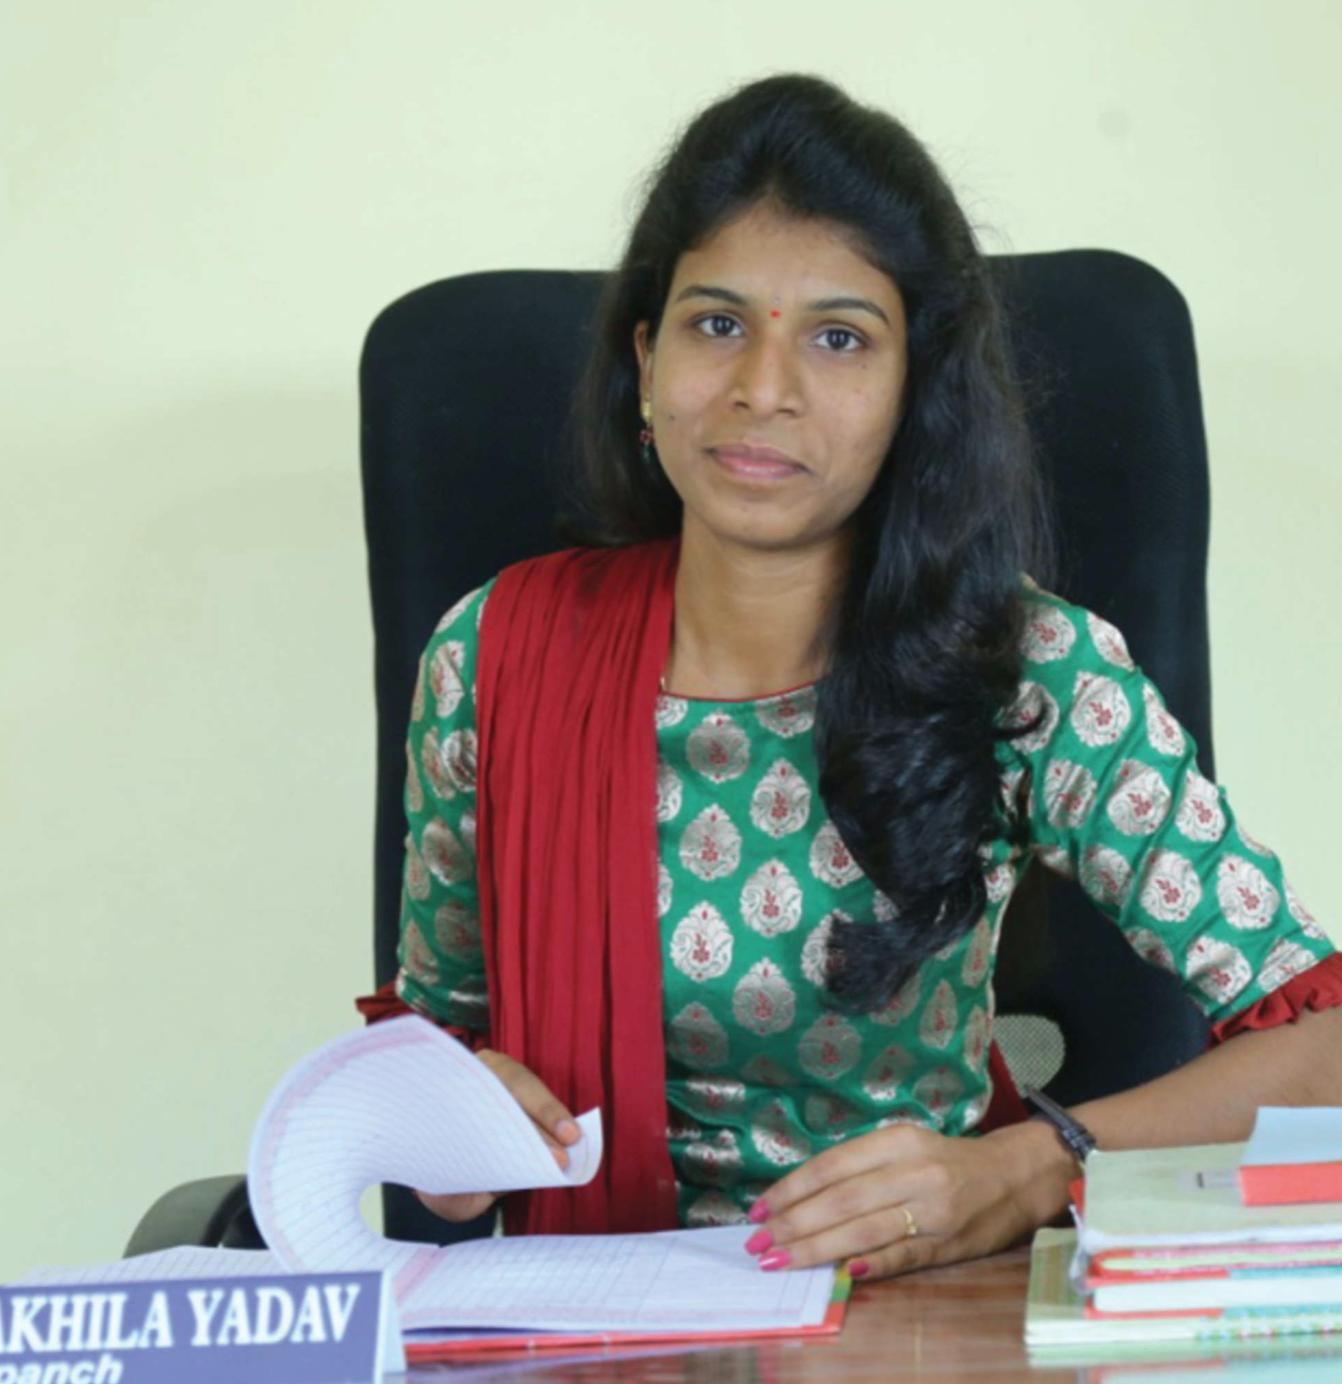 Akhila Yadav